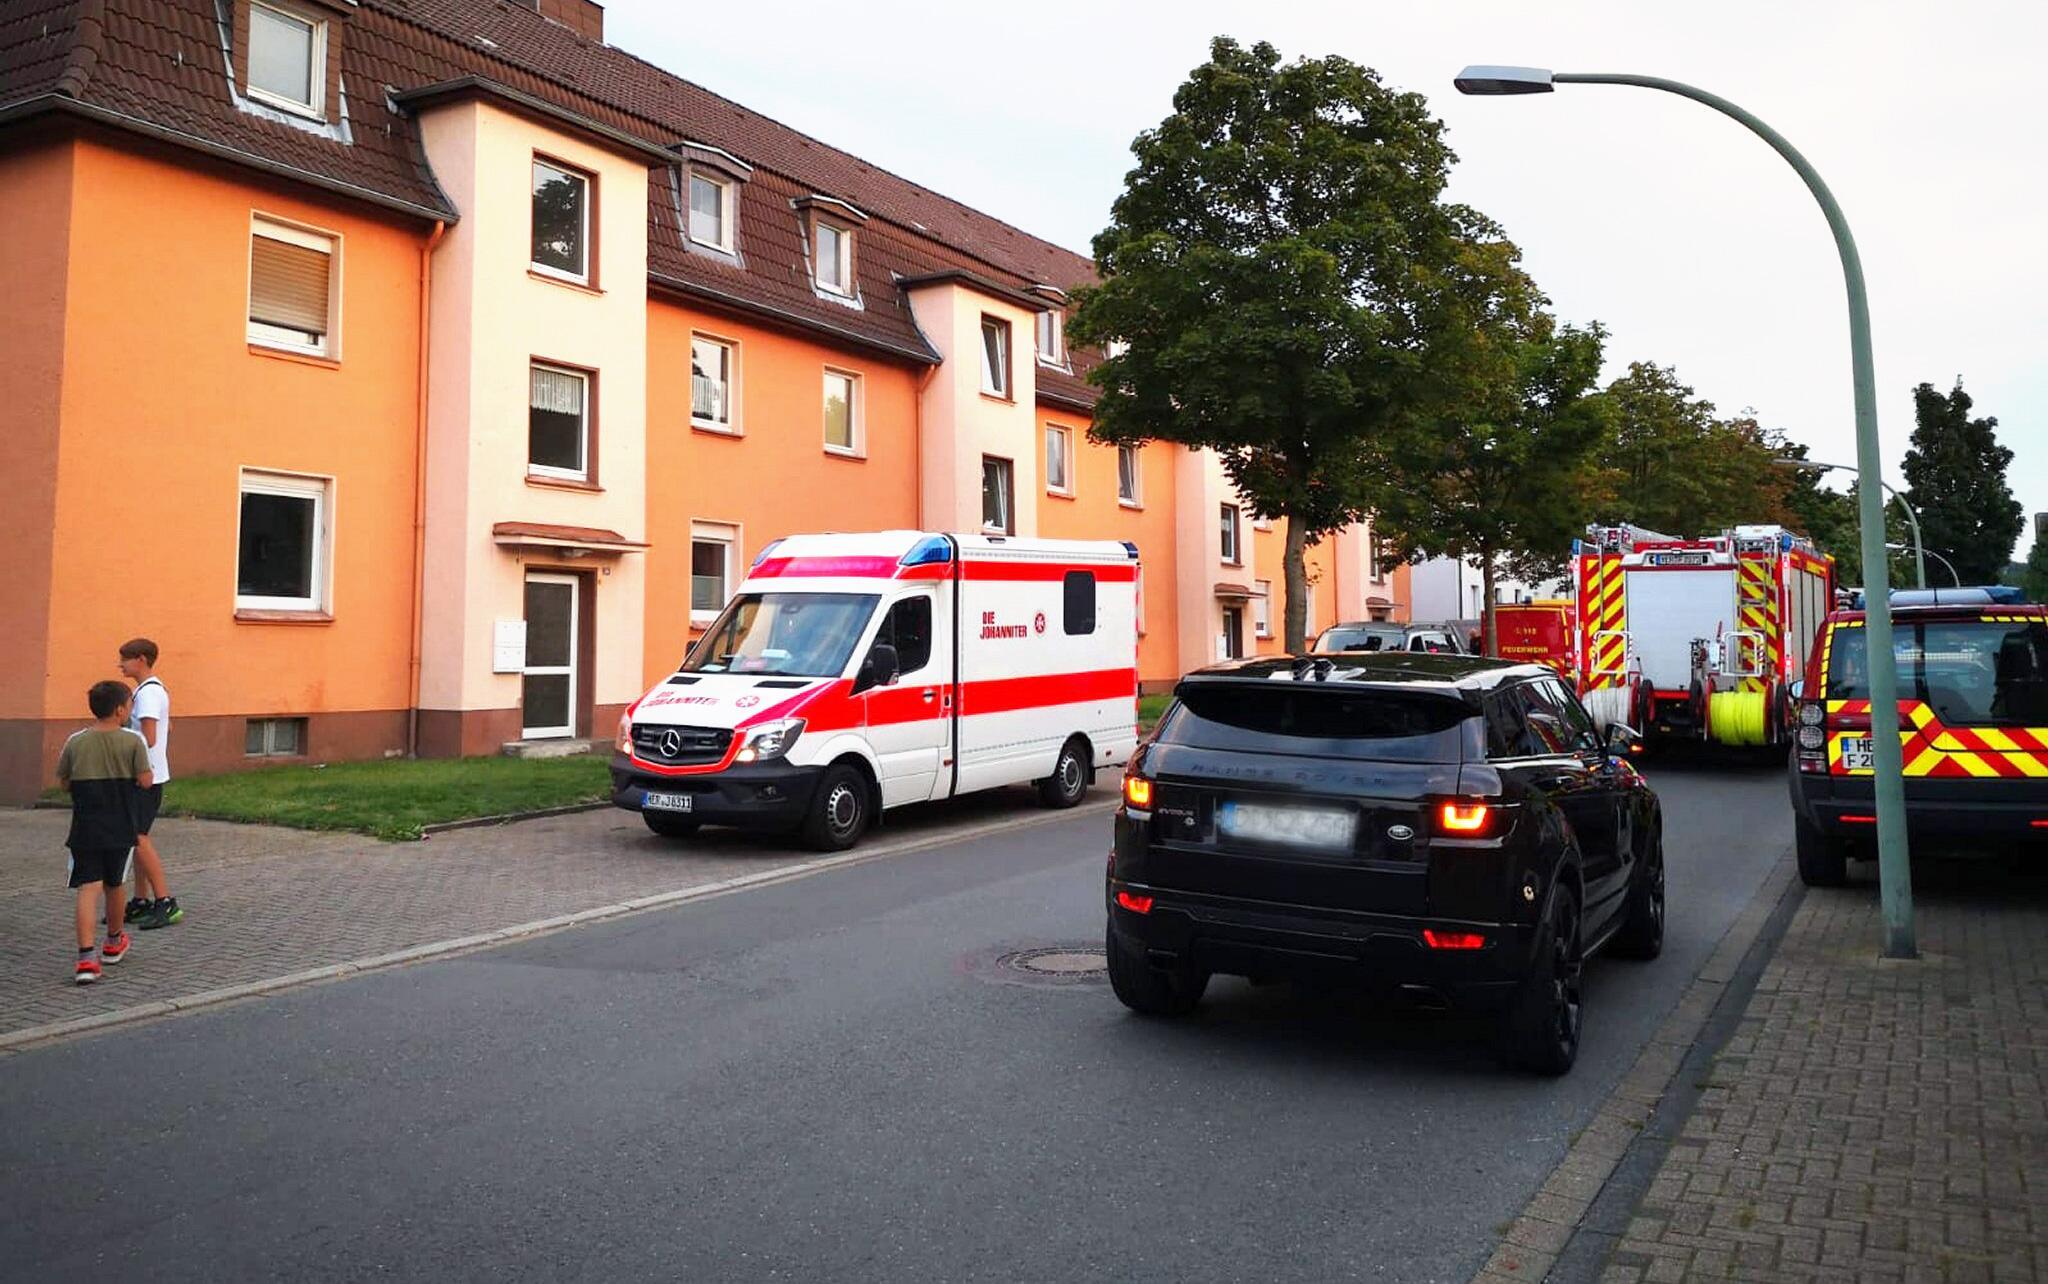 Bild zu Vier Häuser in Herne wegen entwischter Kobra evakuiert